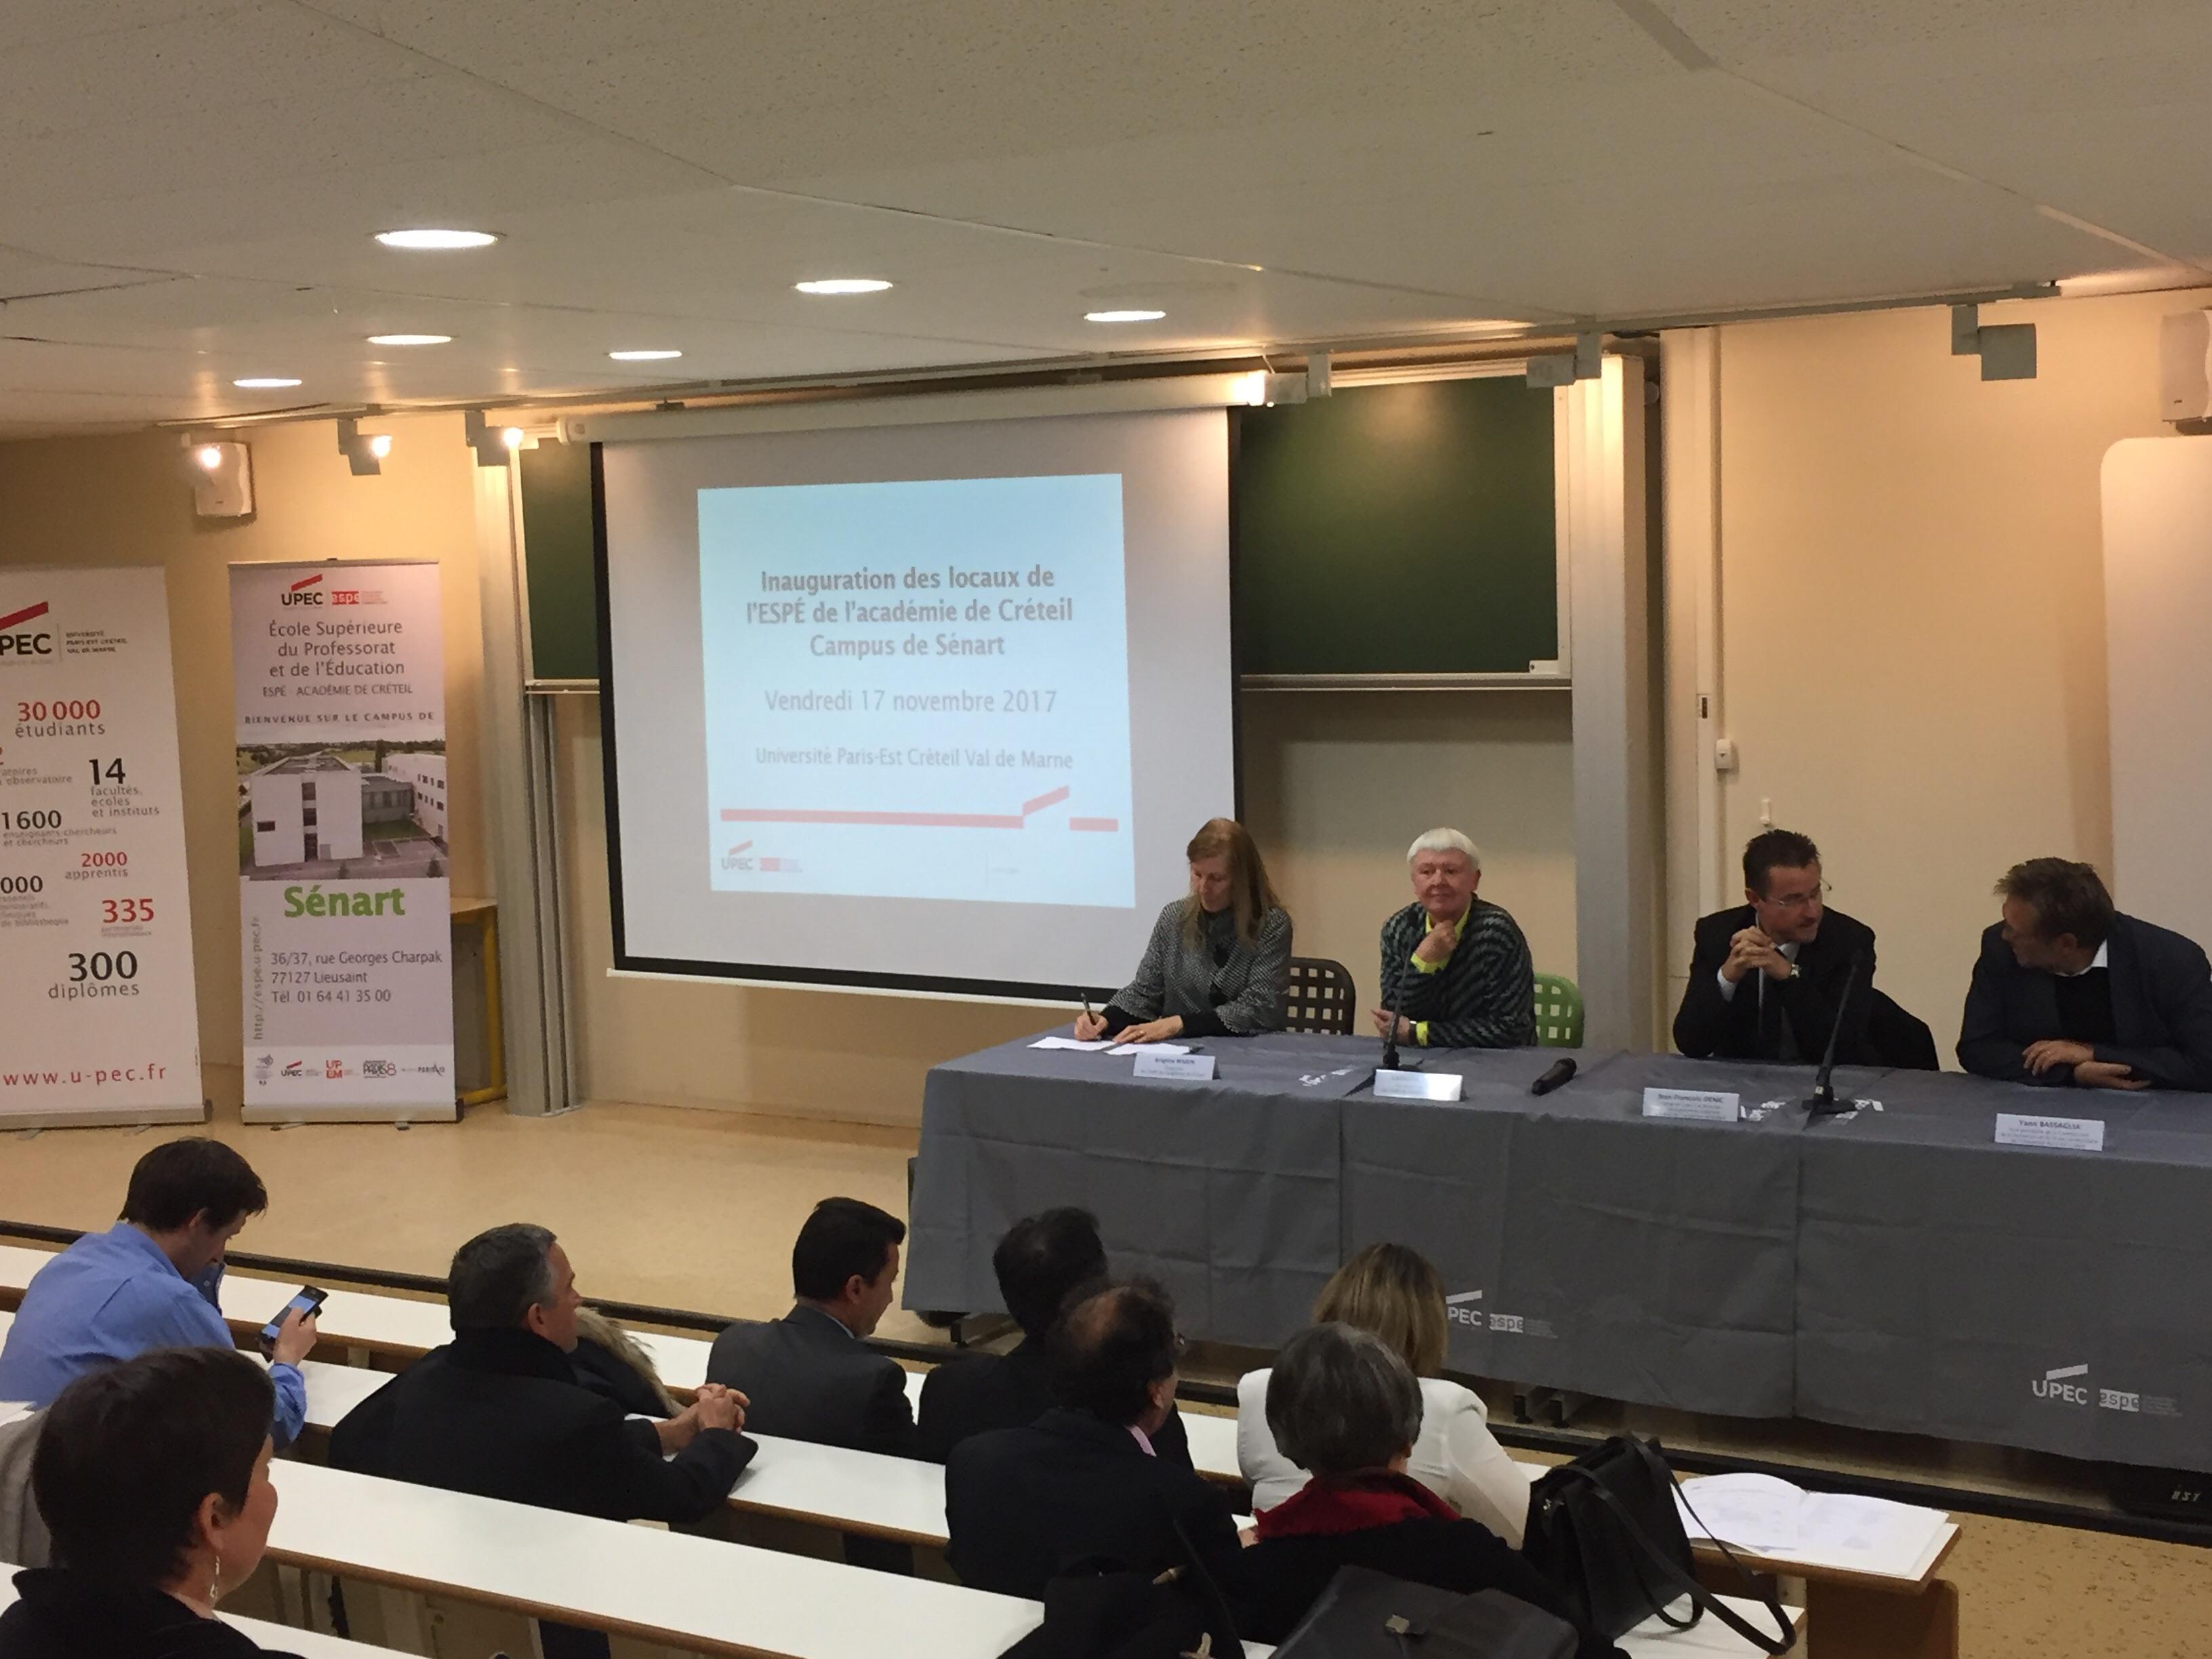 Inauguration ESPE, Campus de Sénart, 17.11.2017